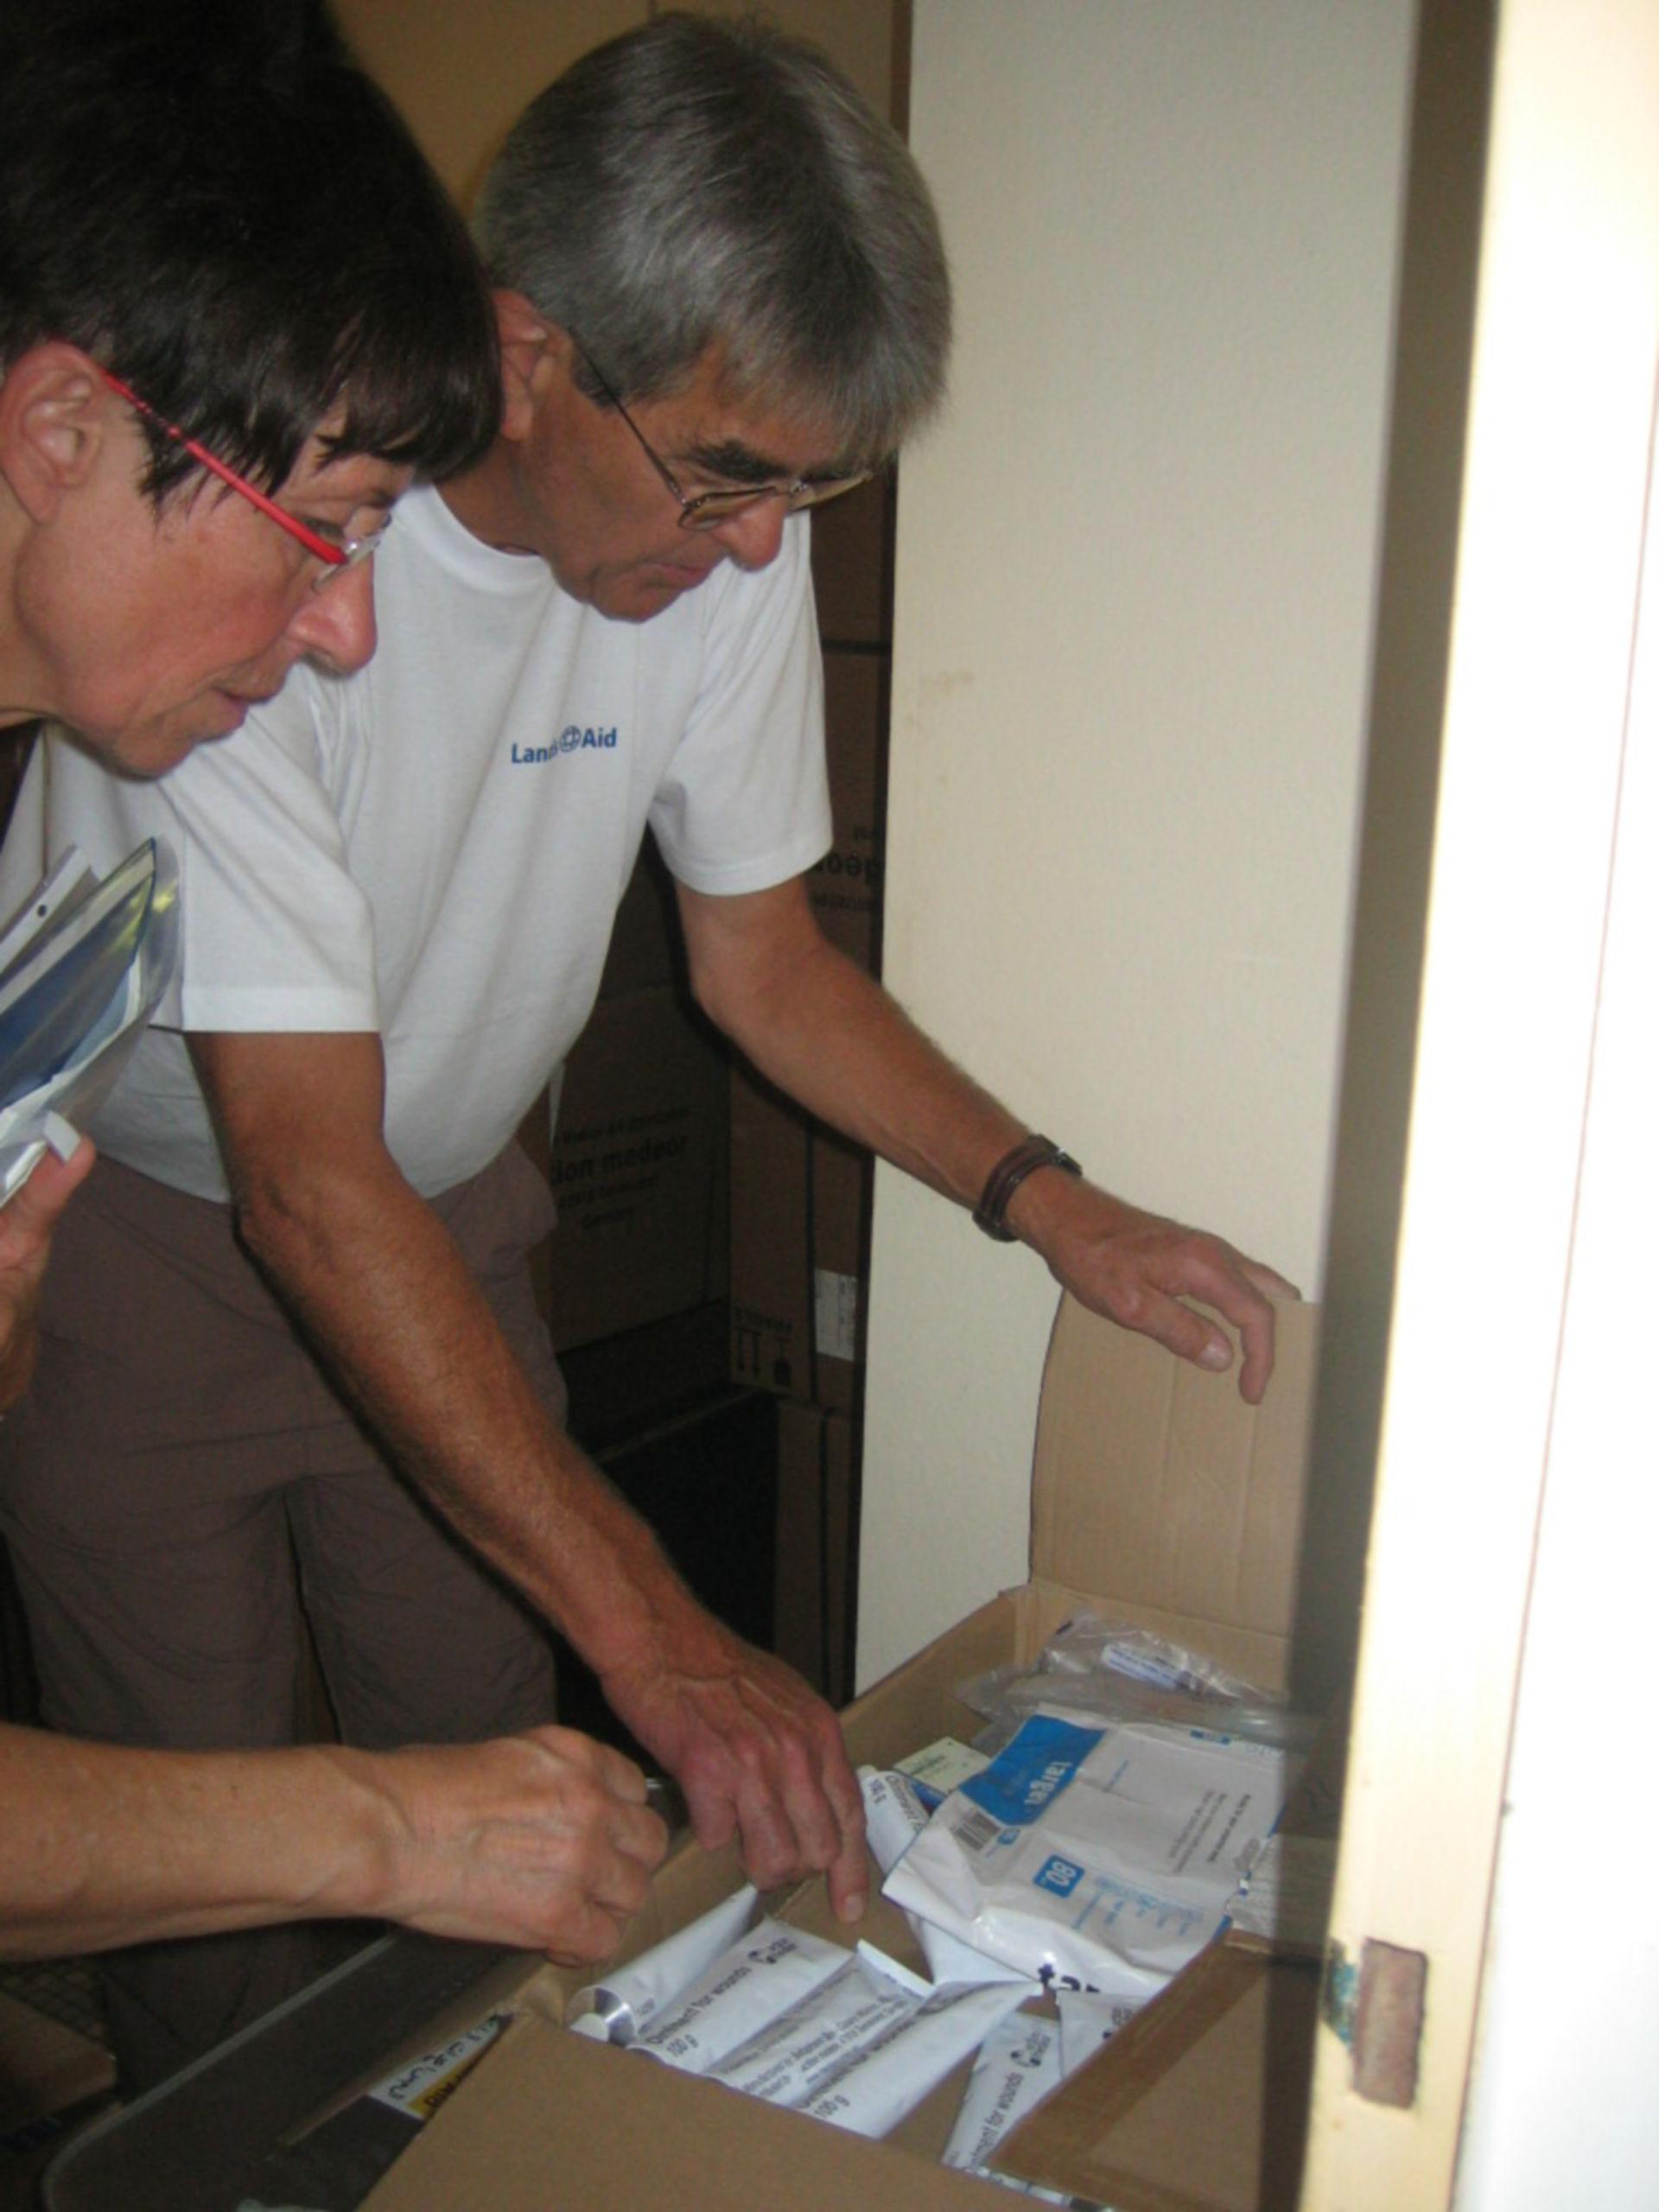 Gaby und Erwin beim Checken und Sortieren der Medikamente